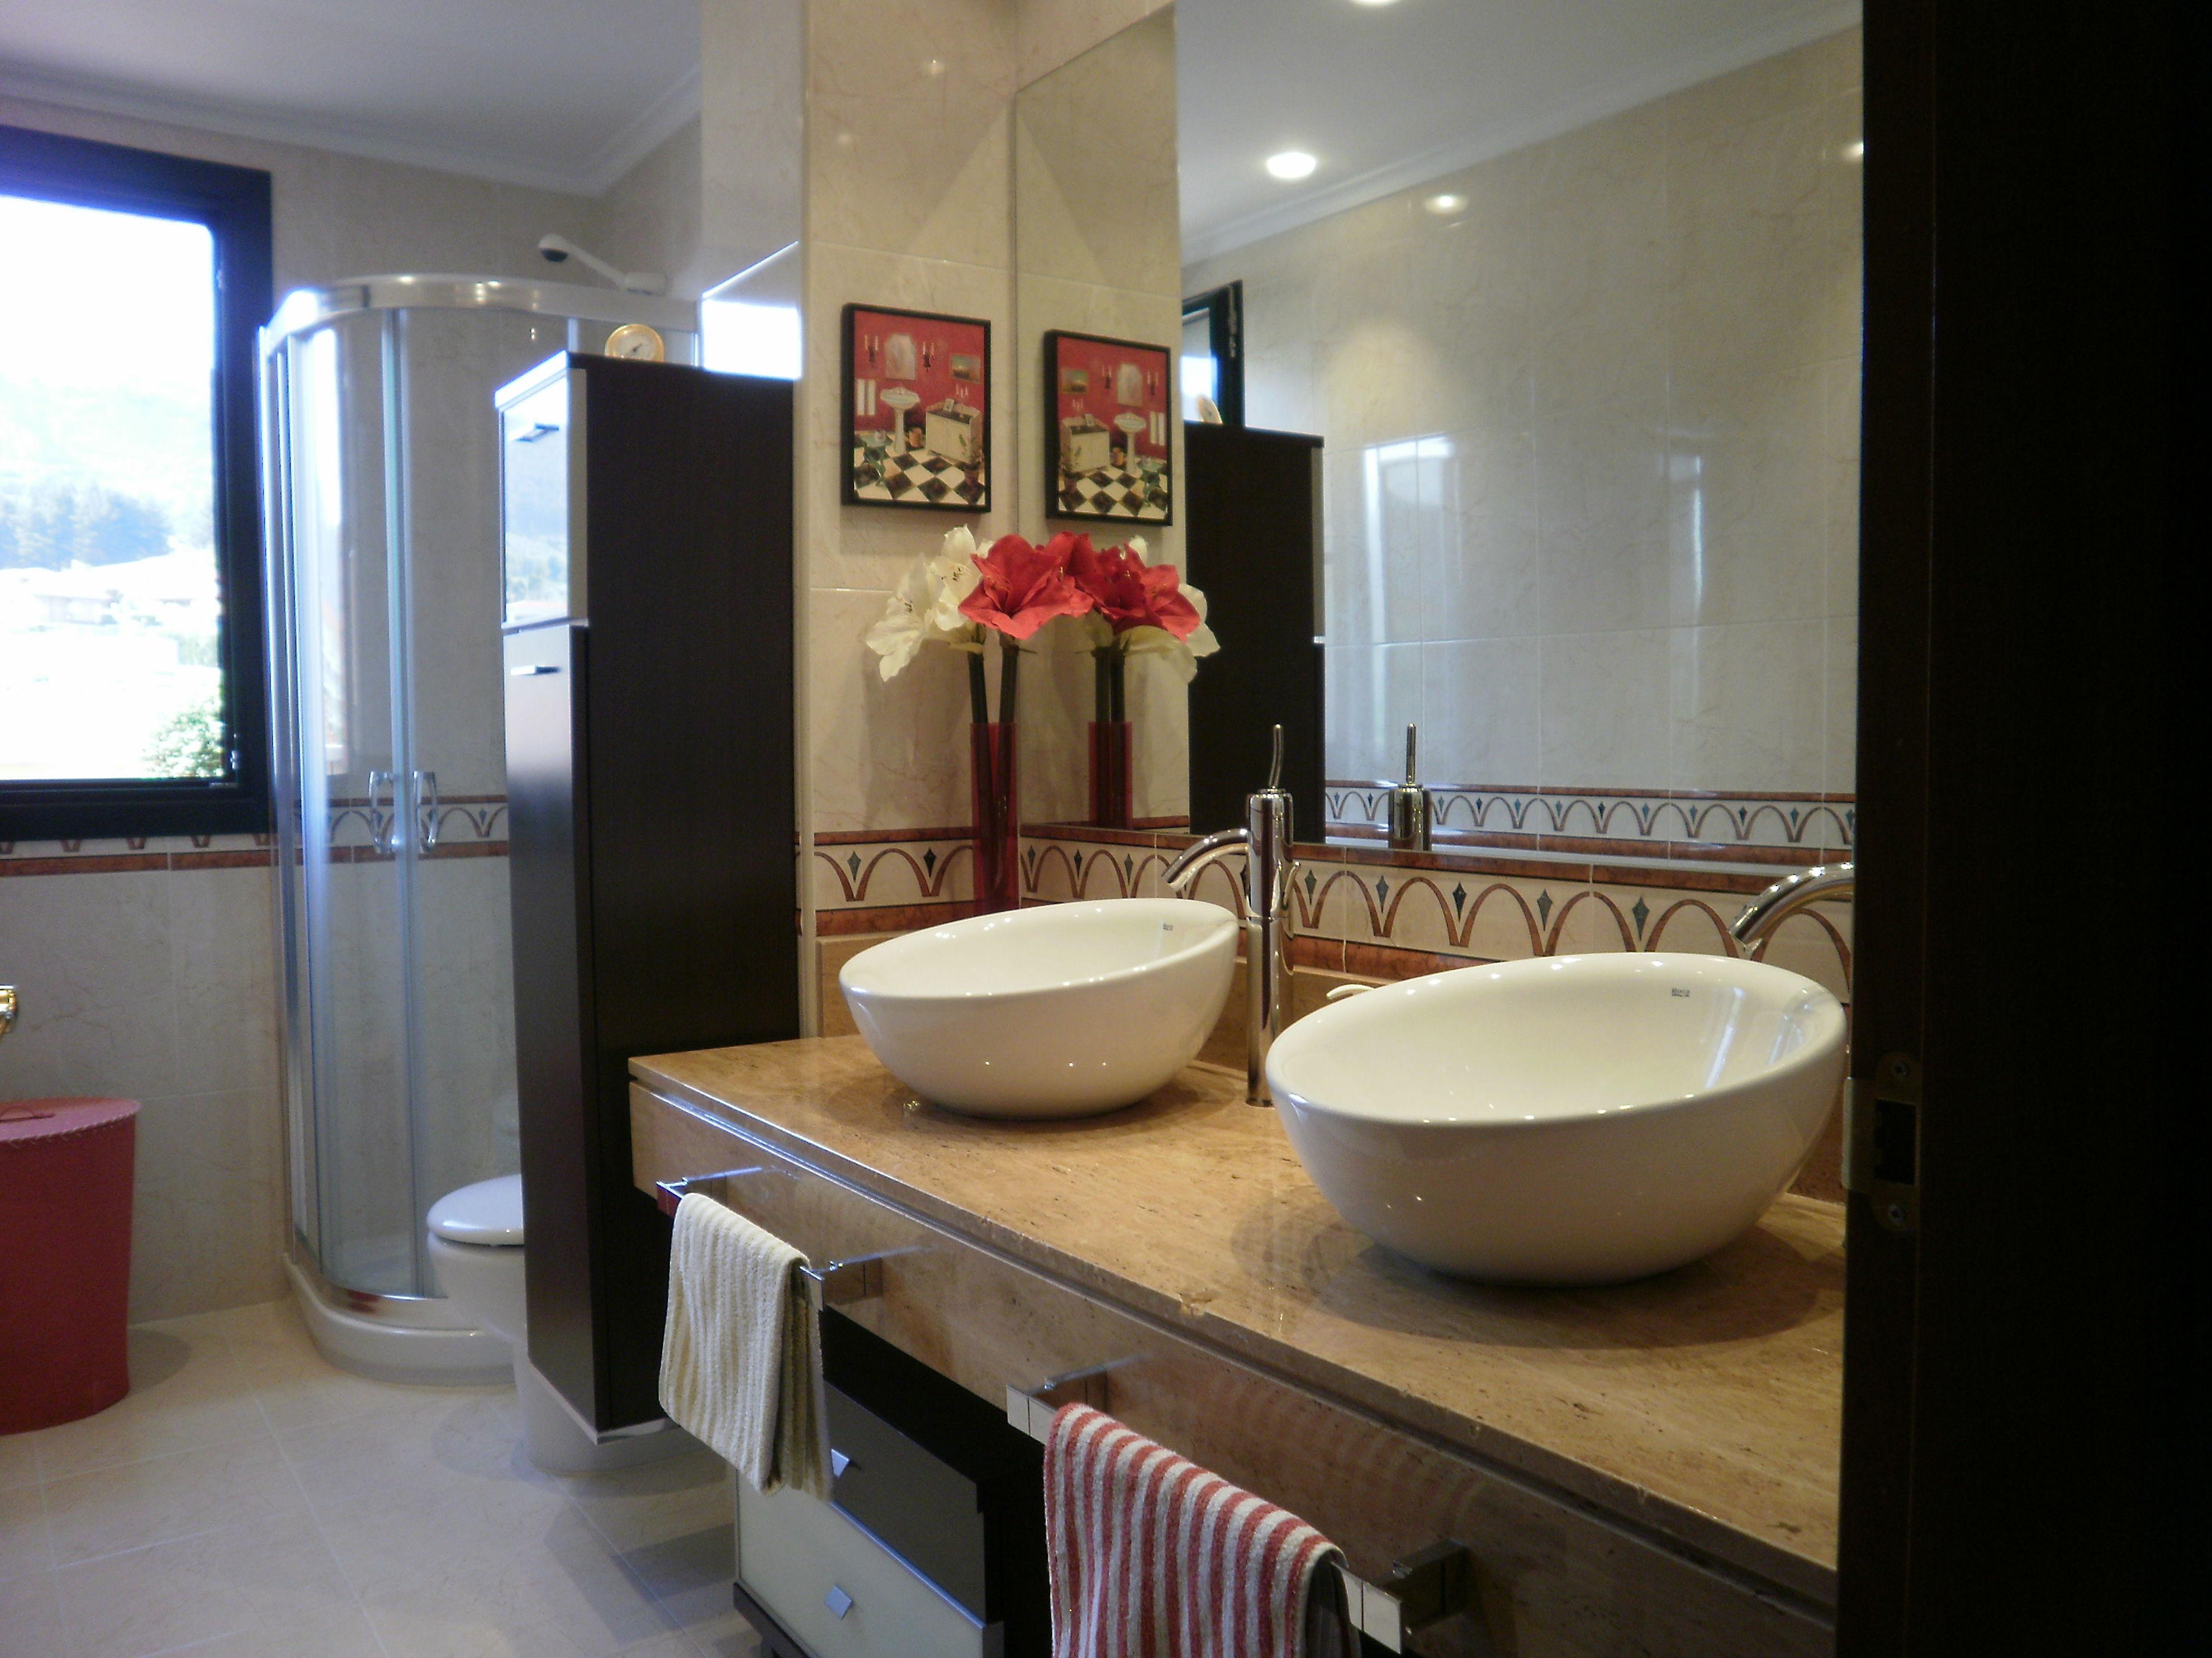 Reformas cocinas y ba os servicios de consma construcciones - Reformas de cocinas y banos en vigo ...